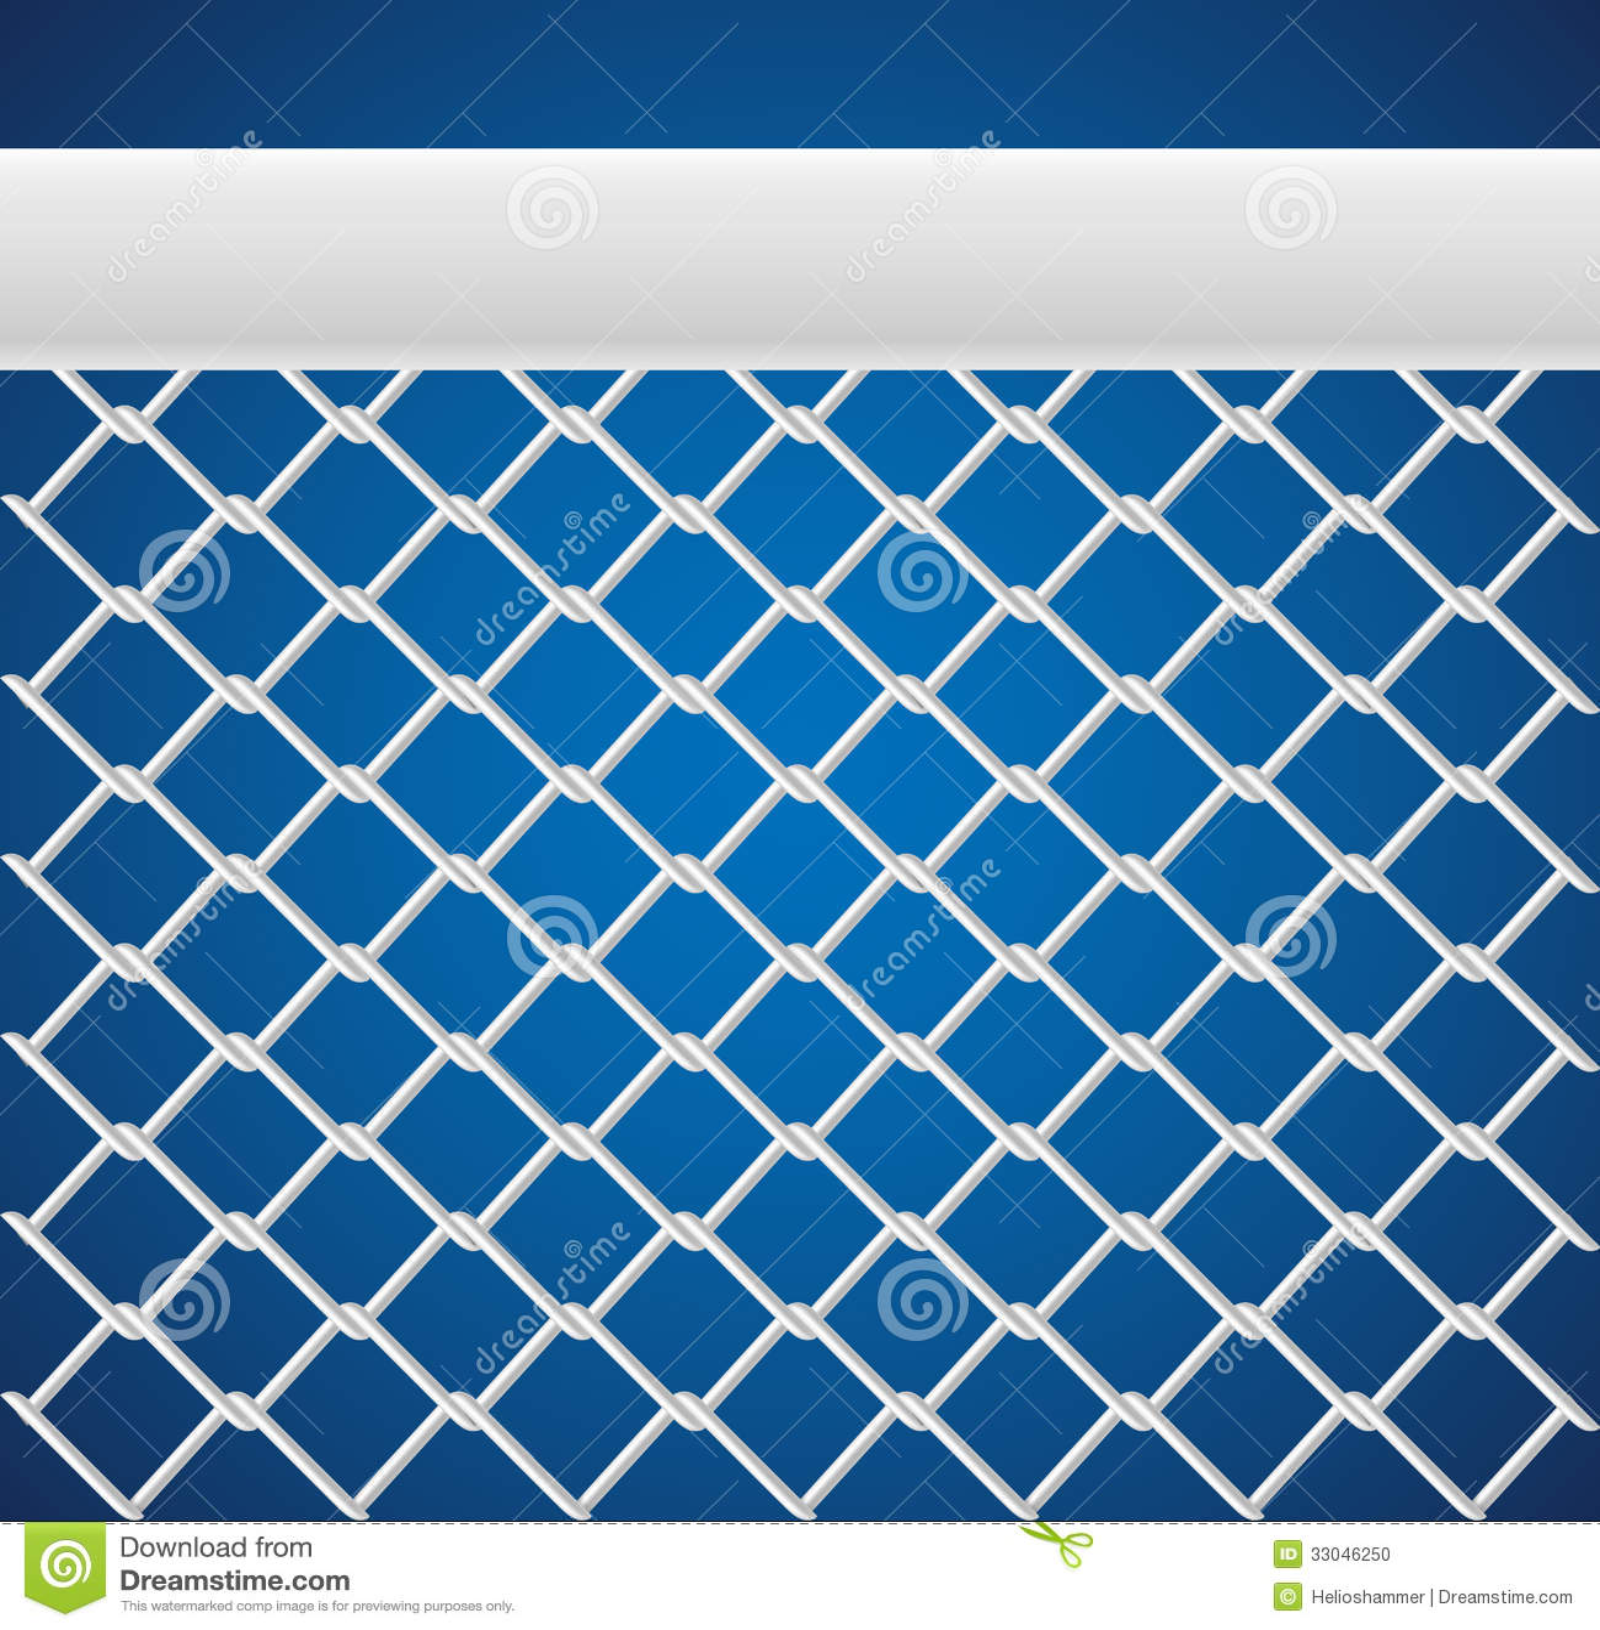 sport net